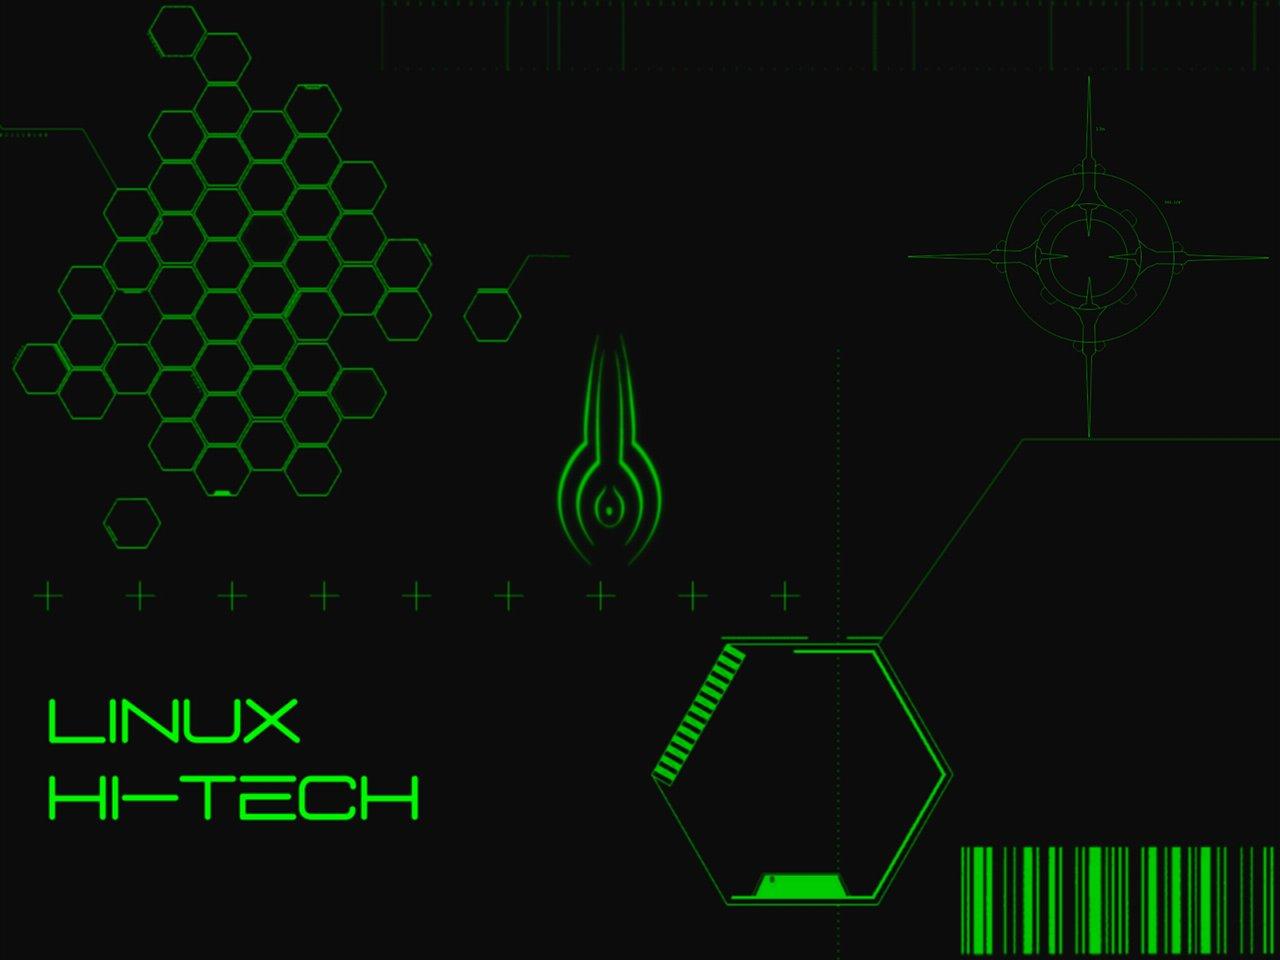 http://4.bp.blogspot.com/_UqUwVPikChs/S_aUmhnJxmI/AAAAAAAANc4/Obp5Myt2Klo/s1600/Linux_Hi_Tec.jpg